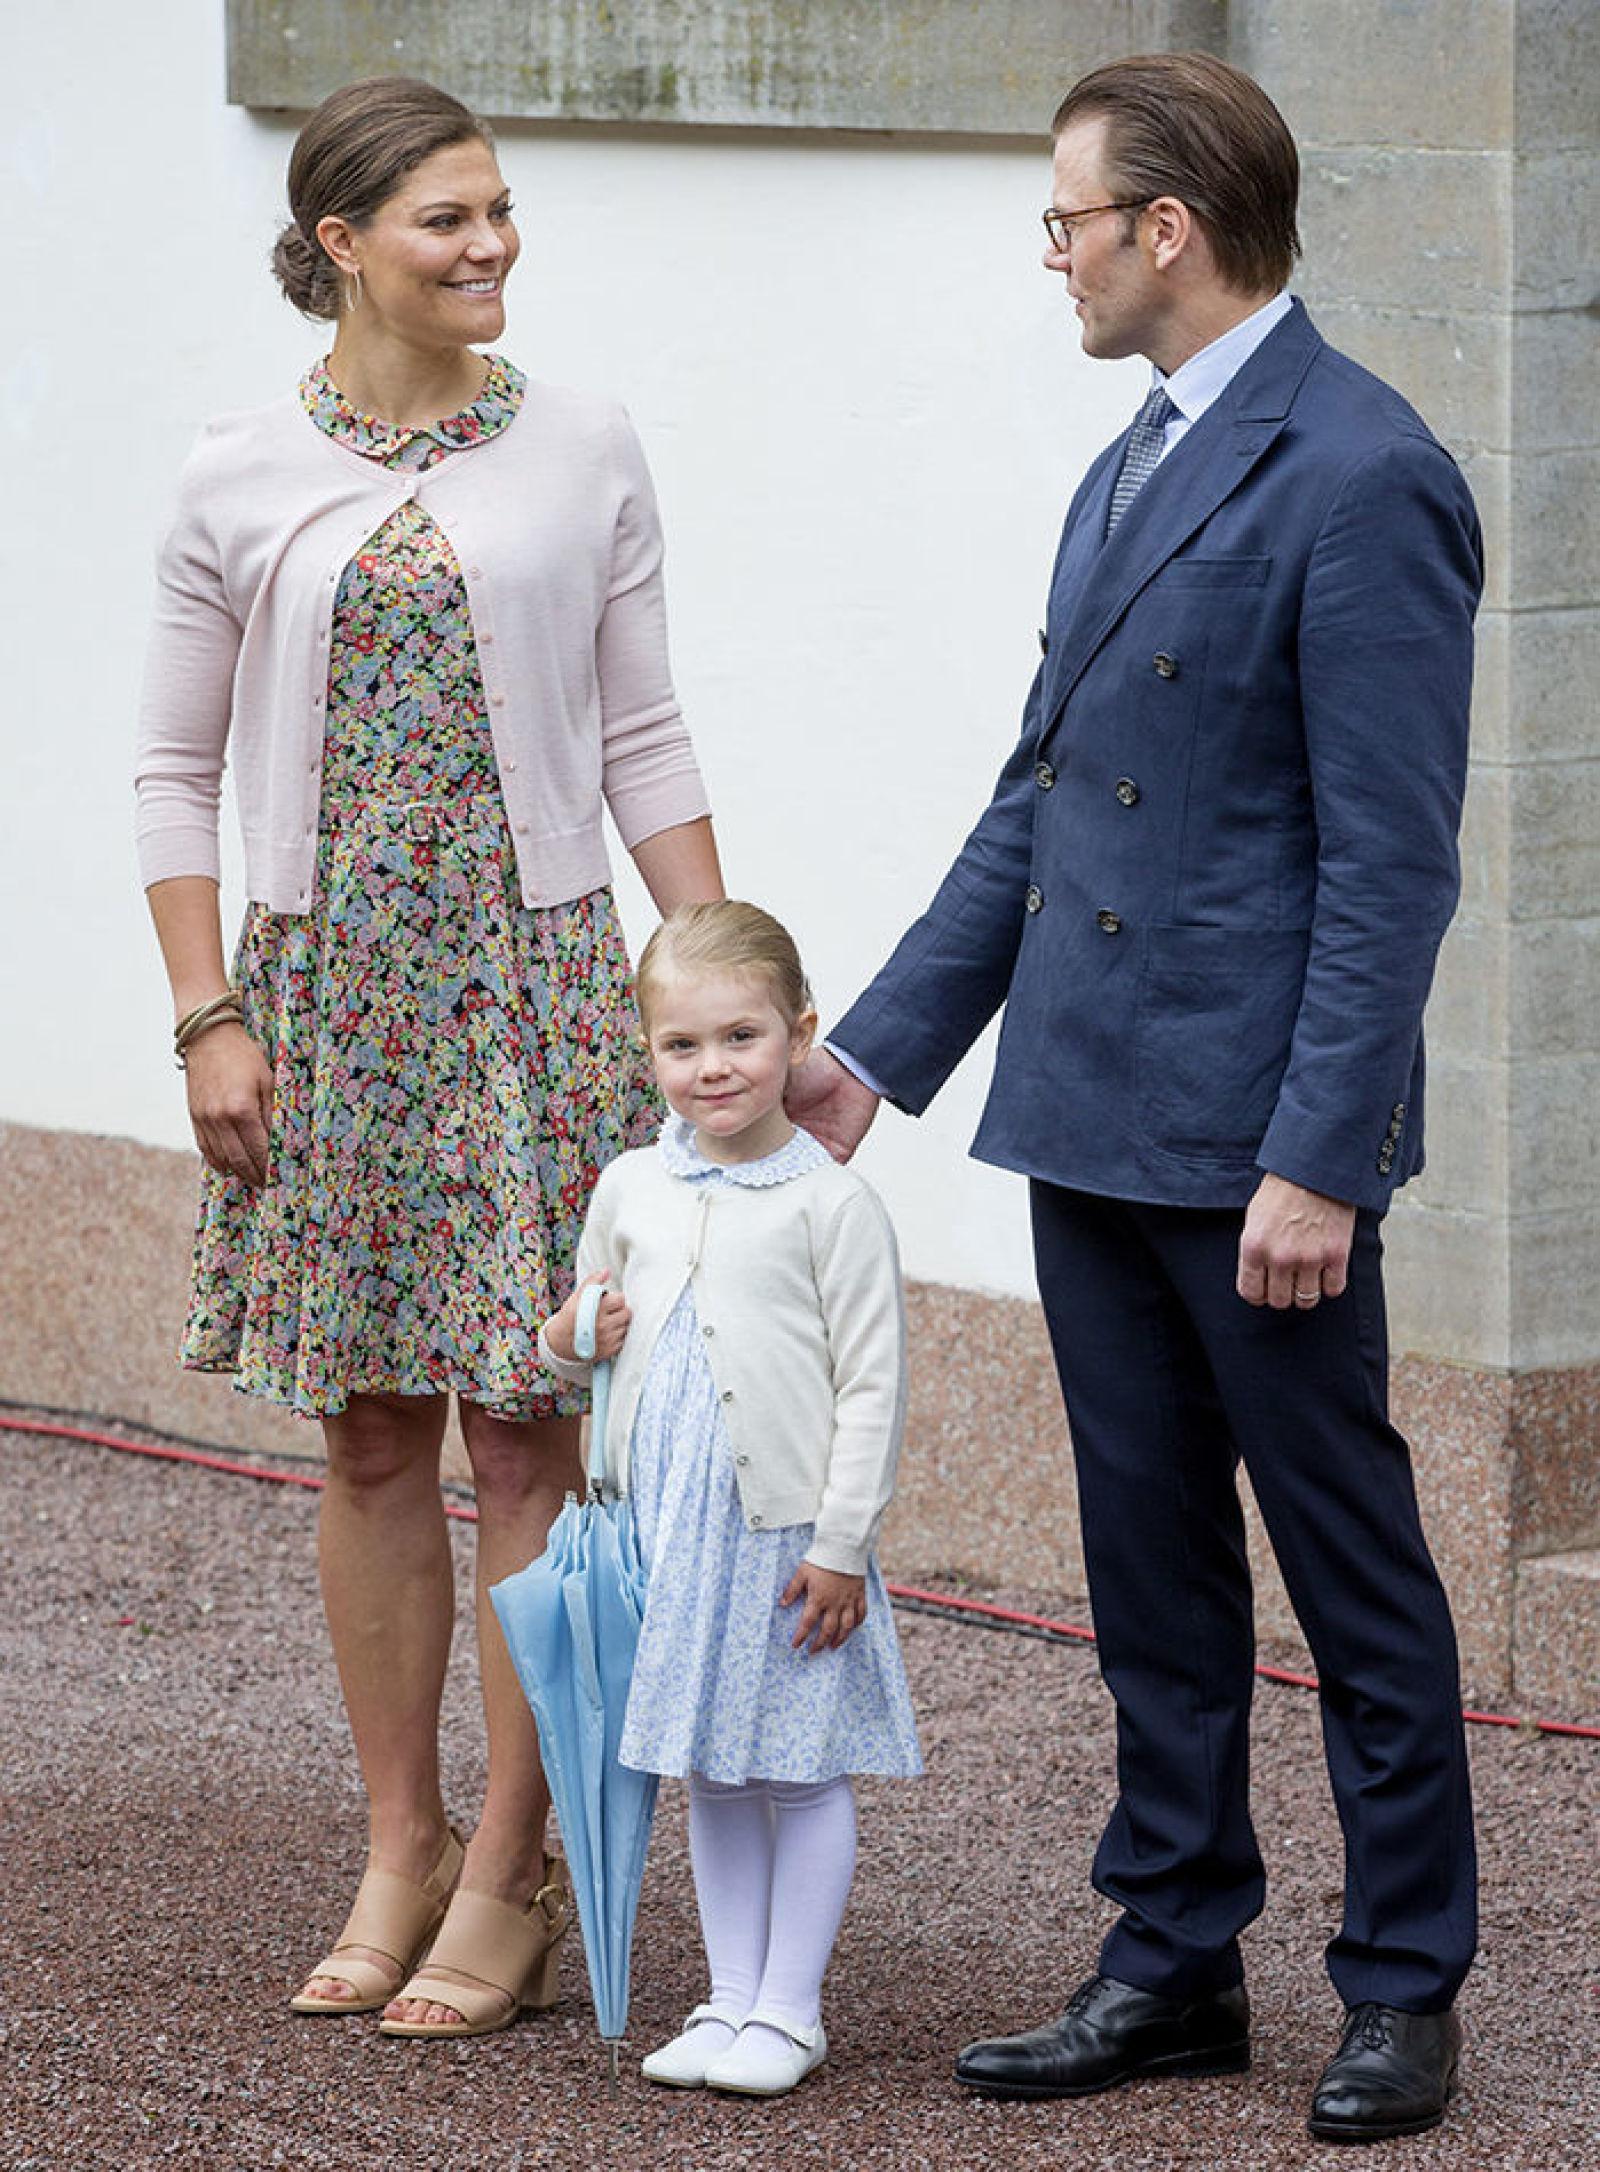 """2015 г — и хорошенькая принцесса Эстель """"украла шоу"""", когда все поздравляли маму во дворе Суллидена"""